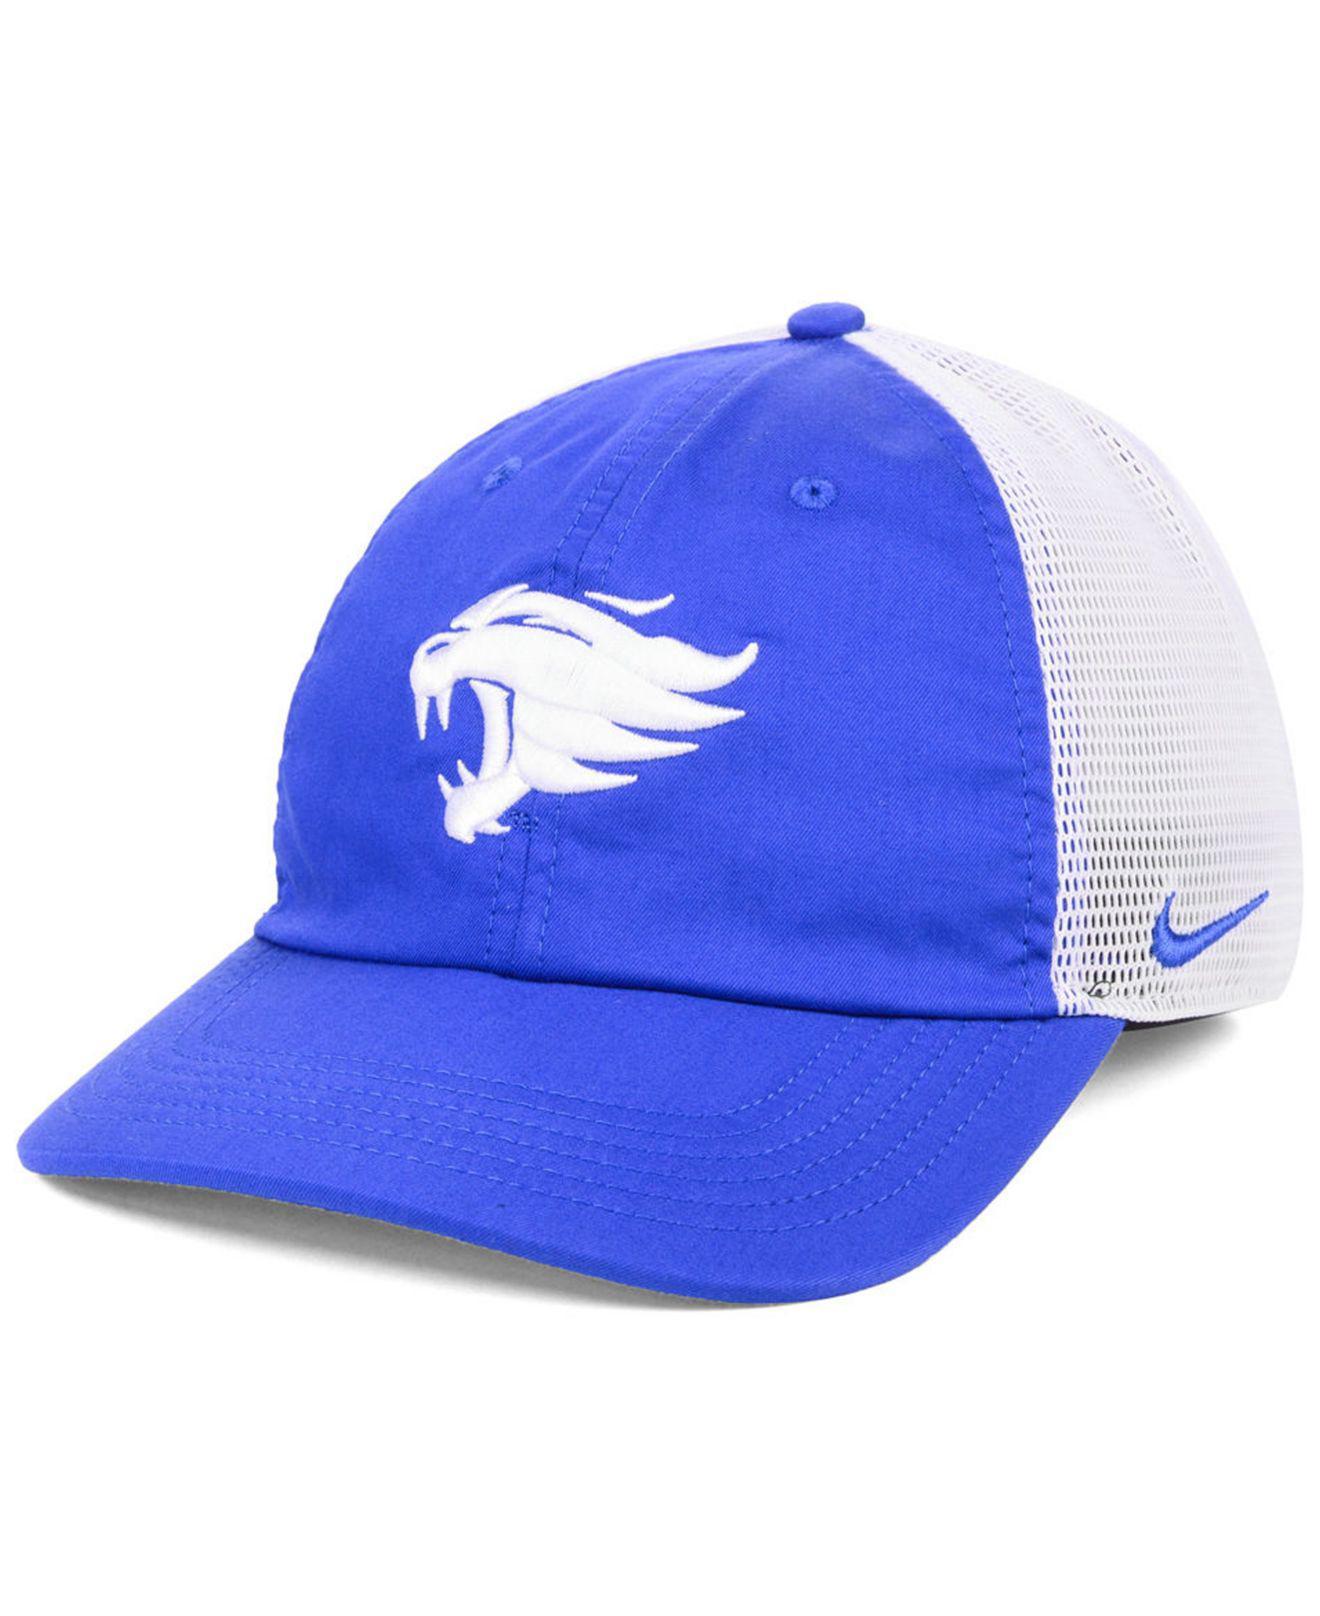 a421576ee Lyst - Nike Kentucky Wildcats H86 Trucker Snapback Cap in Blue for Men